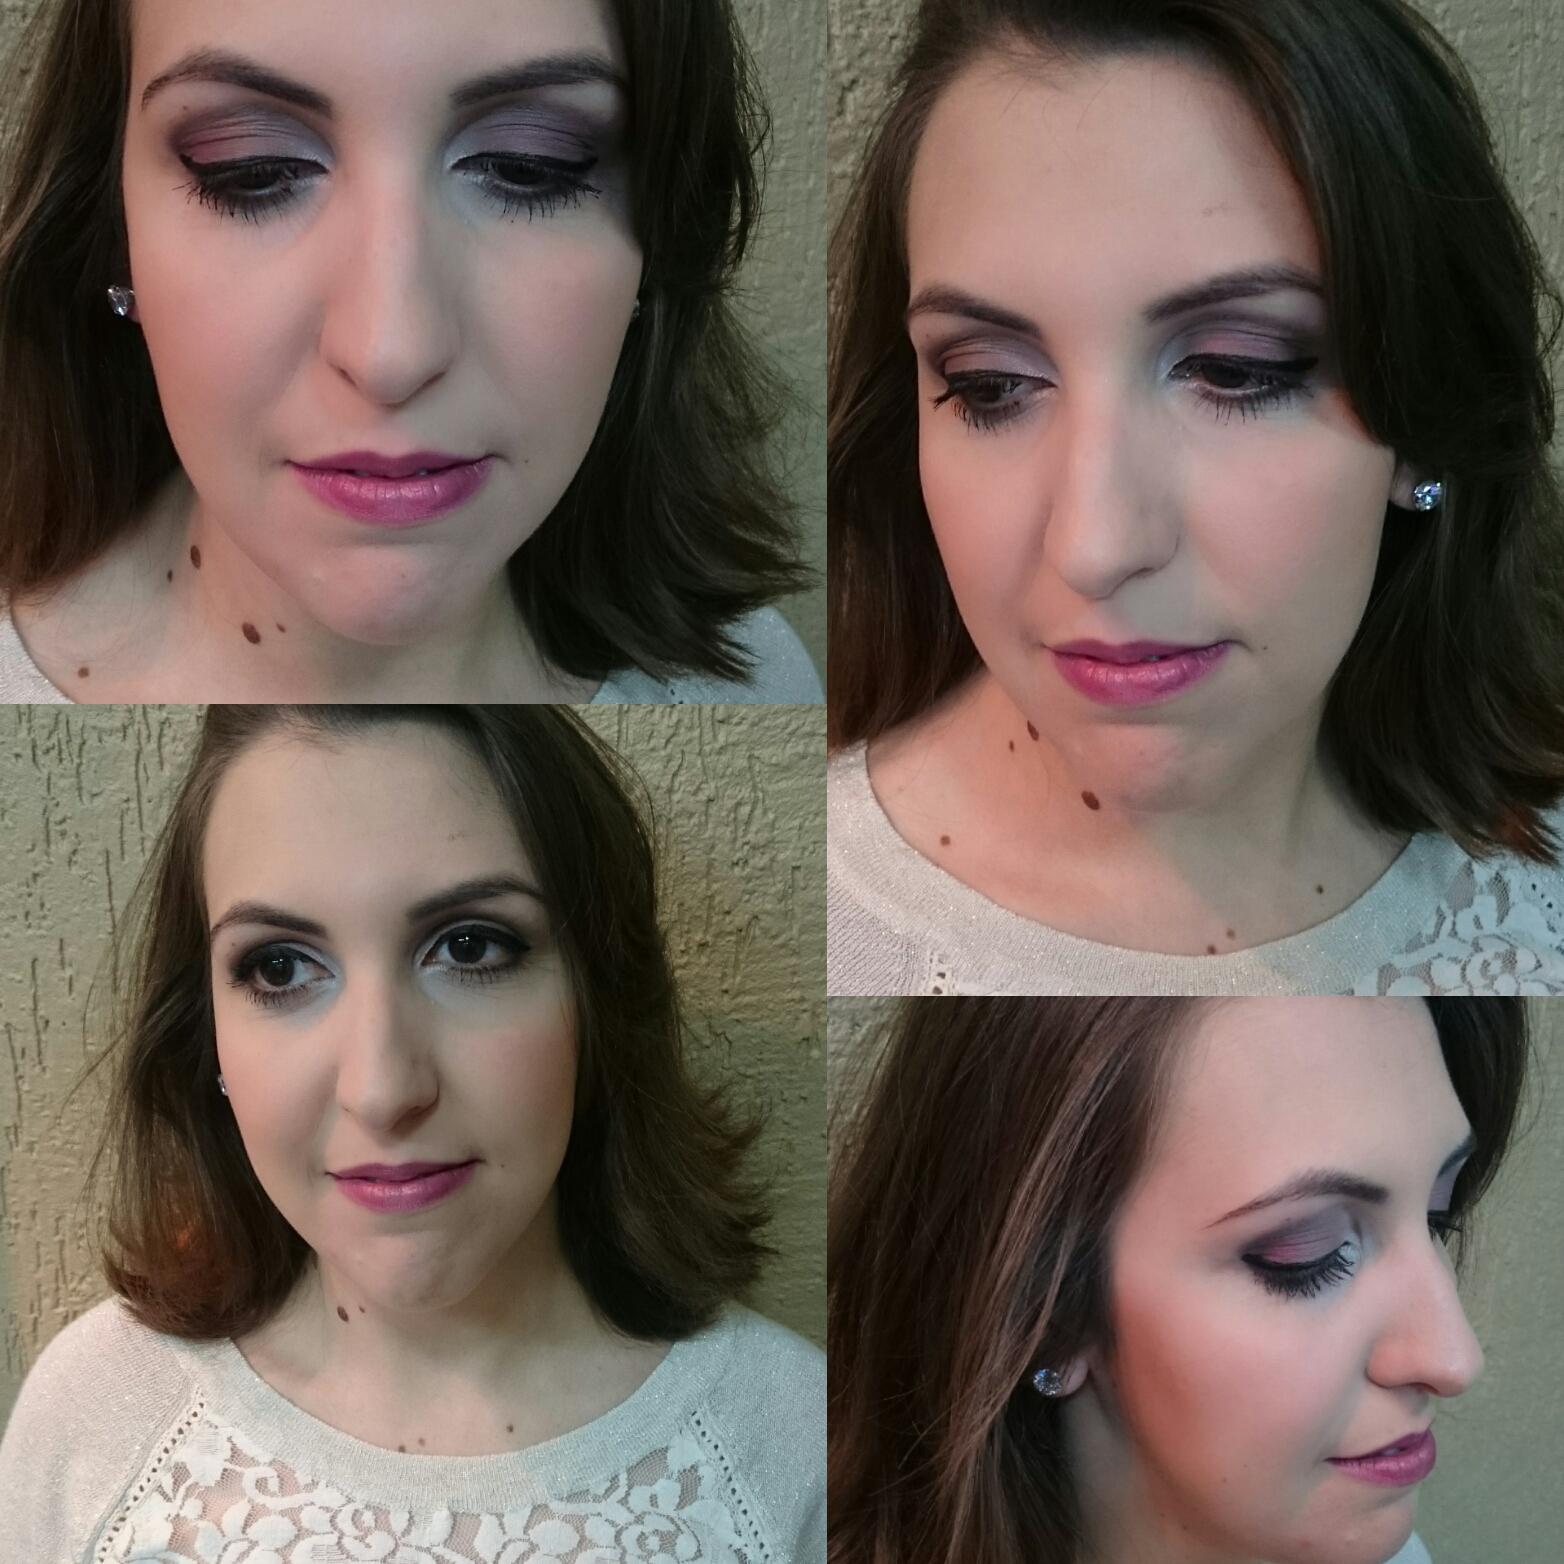 #makeup #makeupforever #mac #nars #lancome #givenchy #dior #bareminerals #revlon #ysl  maquiagem cabeleireiro(a) stylist / visagista maquiador(a) designer de sobrancelhas